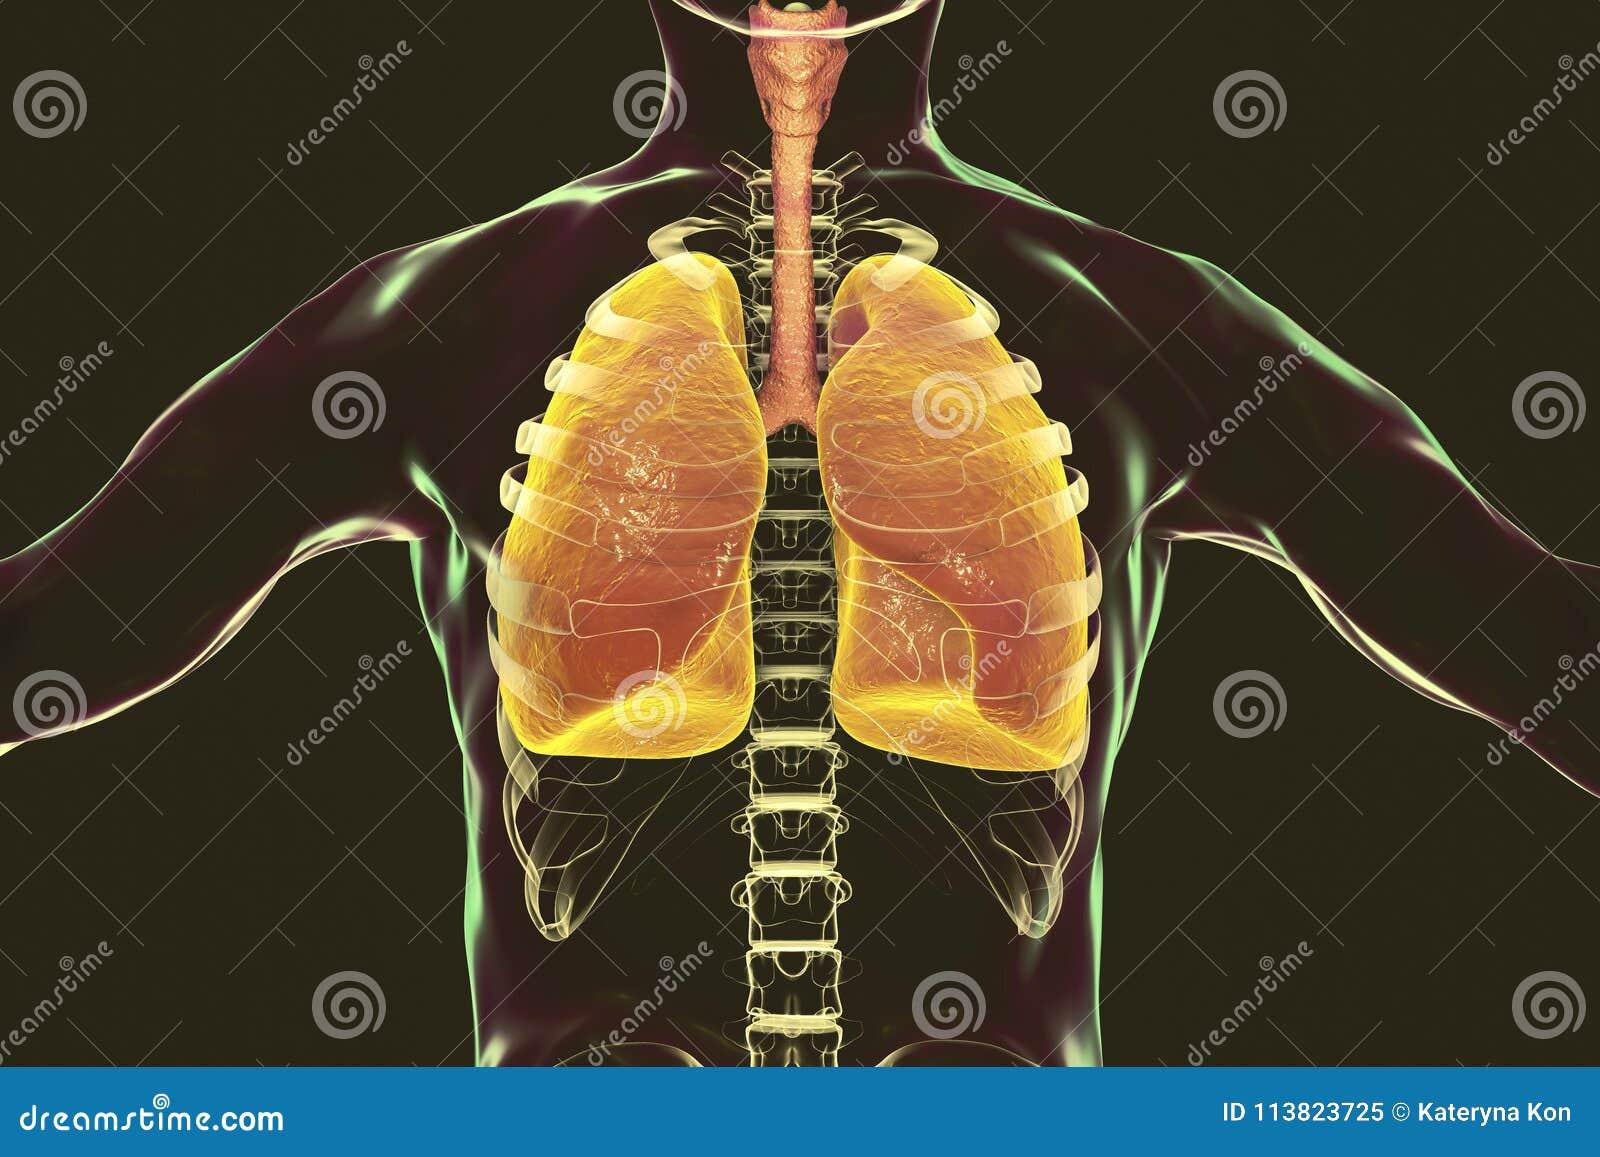 Silhueta humana do sistema respiratório, dos pulmões, da traqueia, da laringe e do corpo masculino com esqueleto